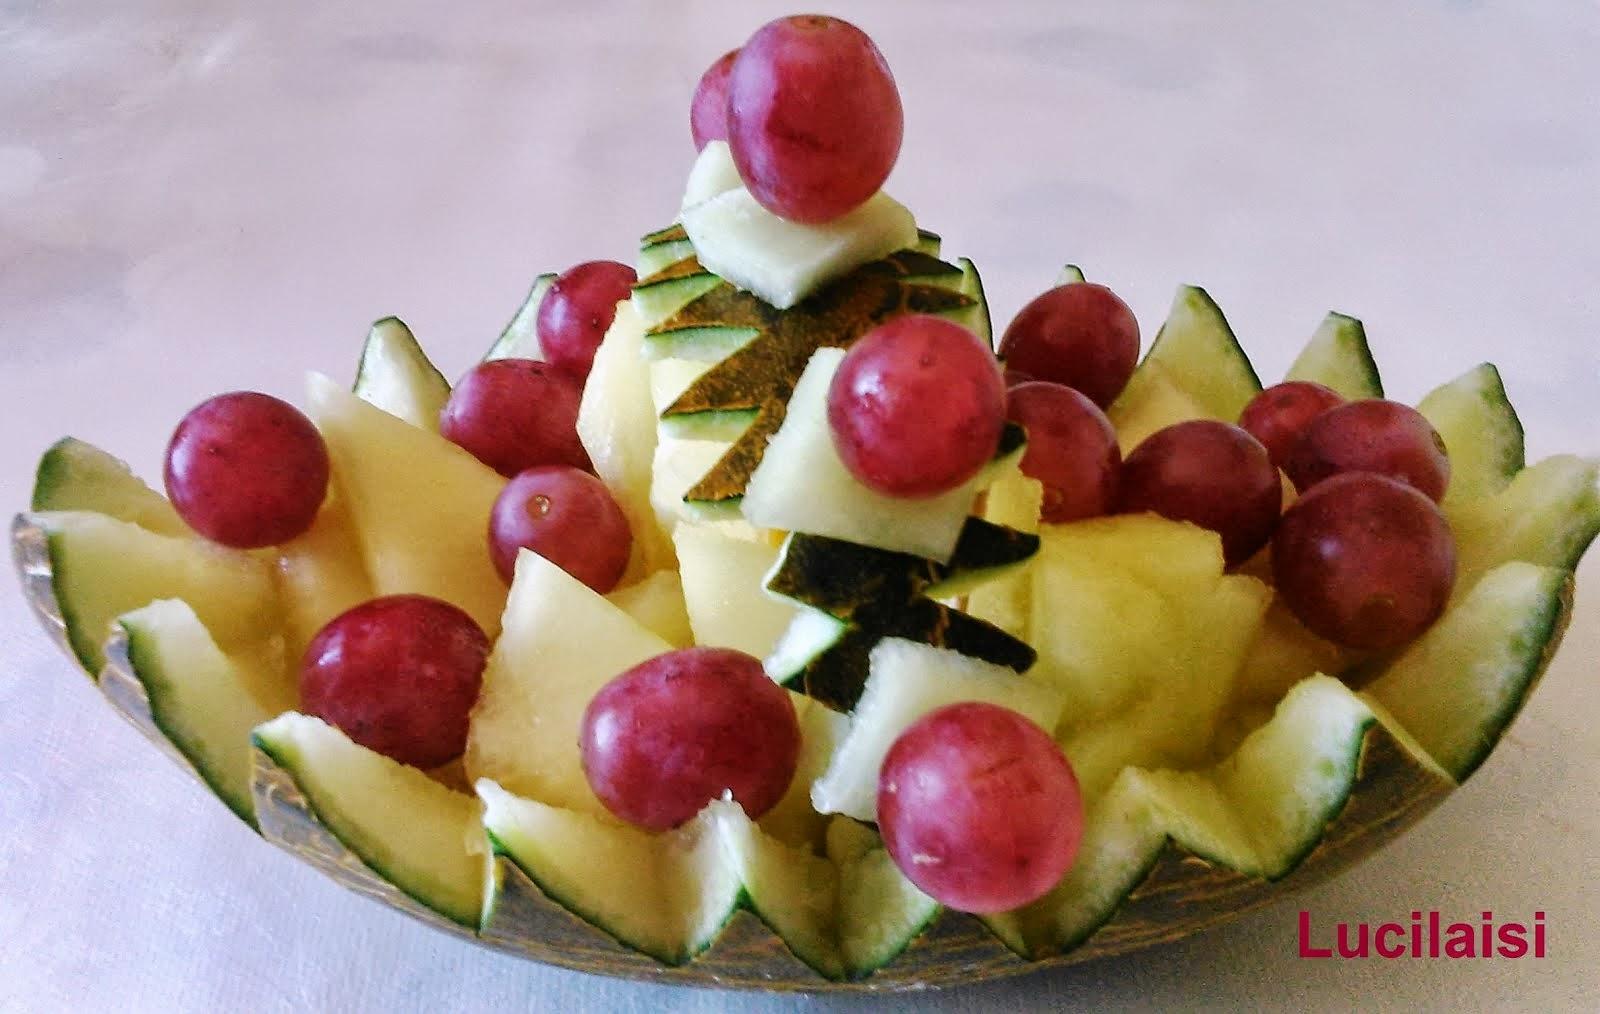 LUCILAISI: Hacer figuras y adornos con fruta y verdura